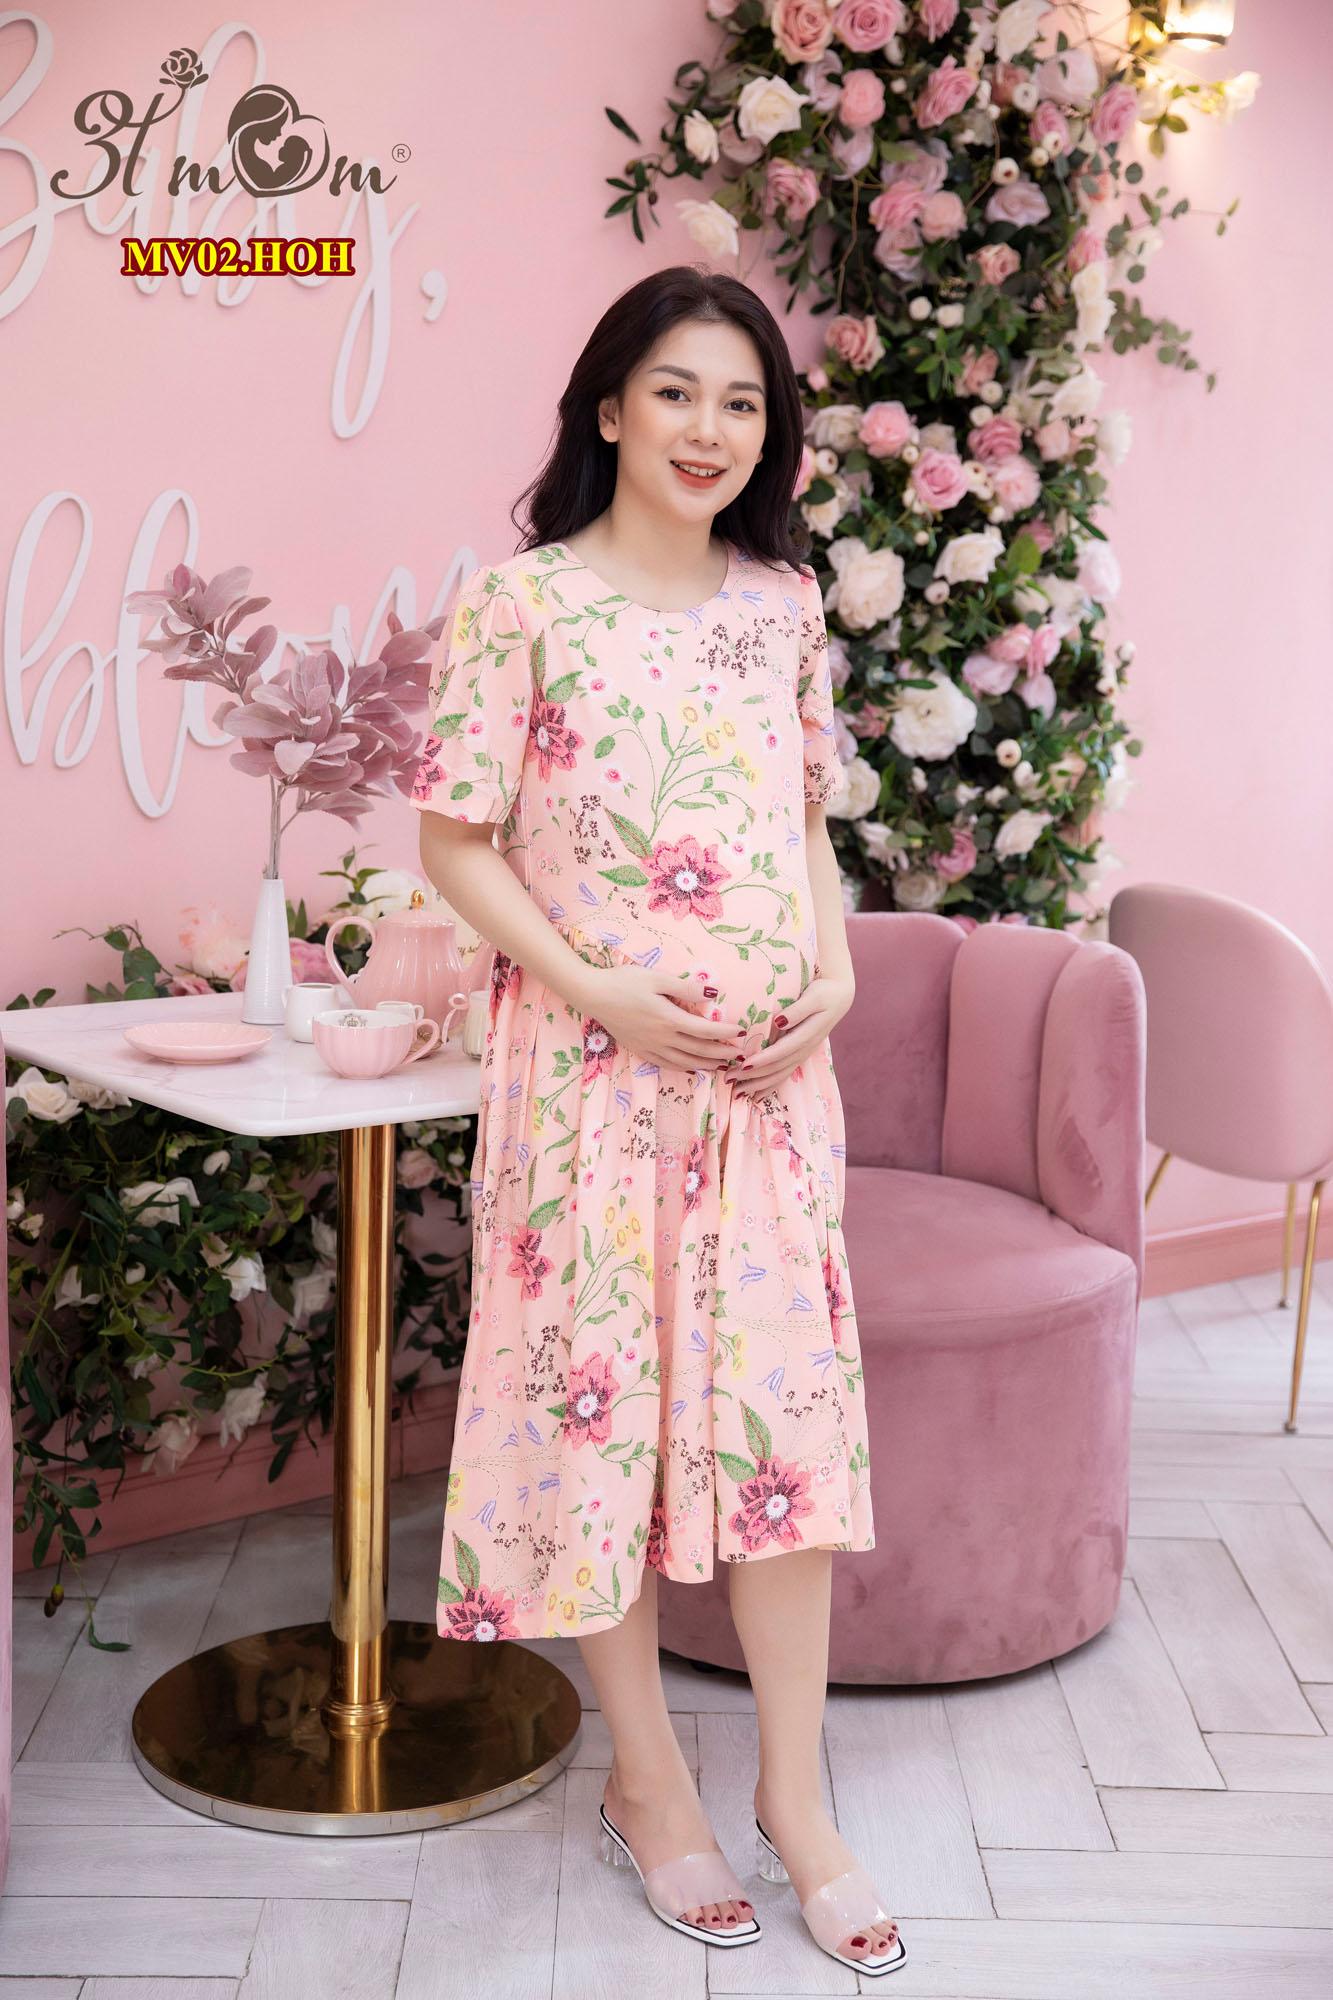 Váy tole lụa hồng hoa MV02.HOH